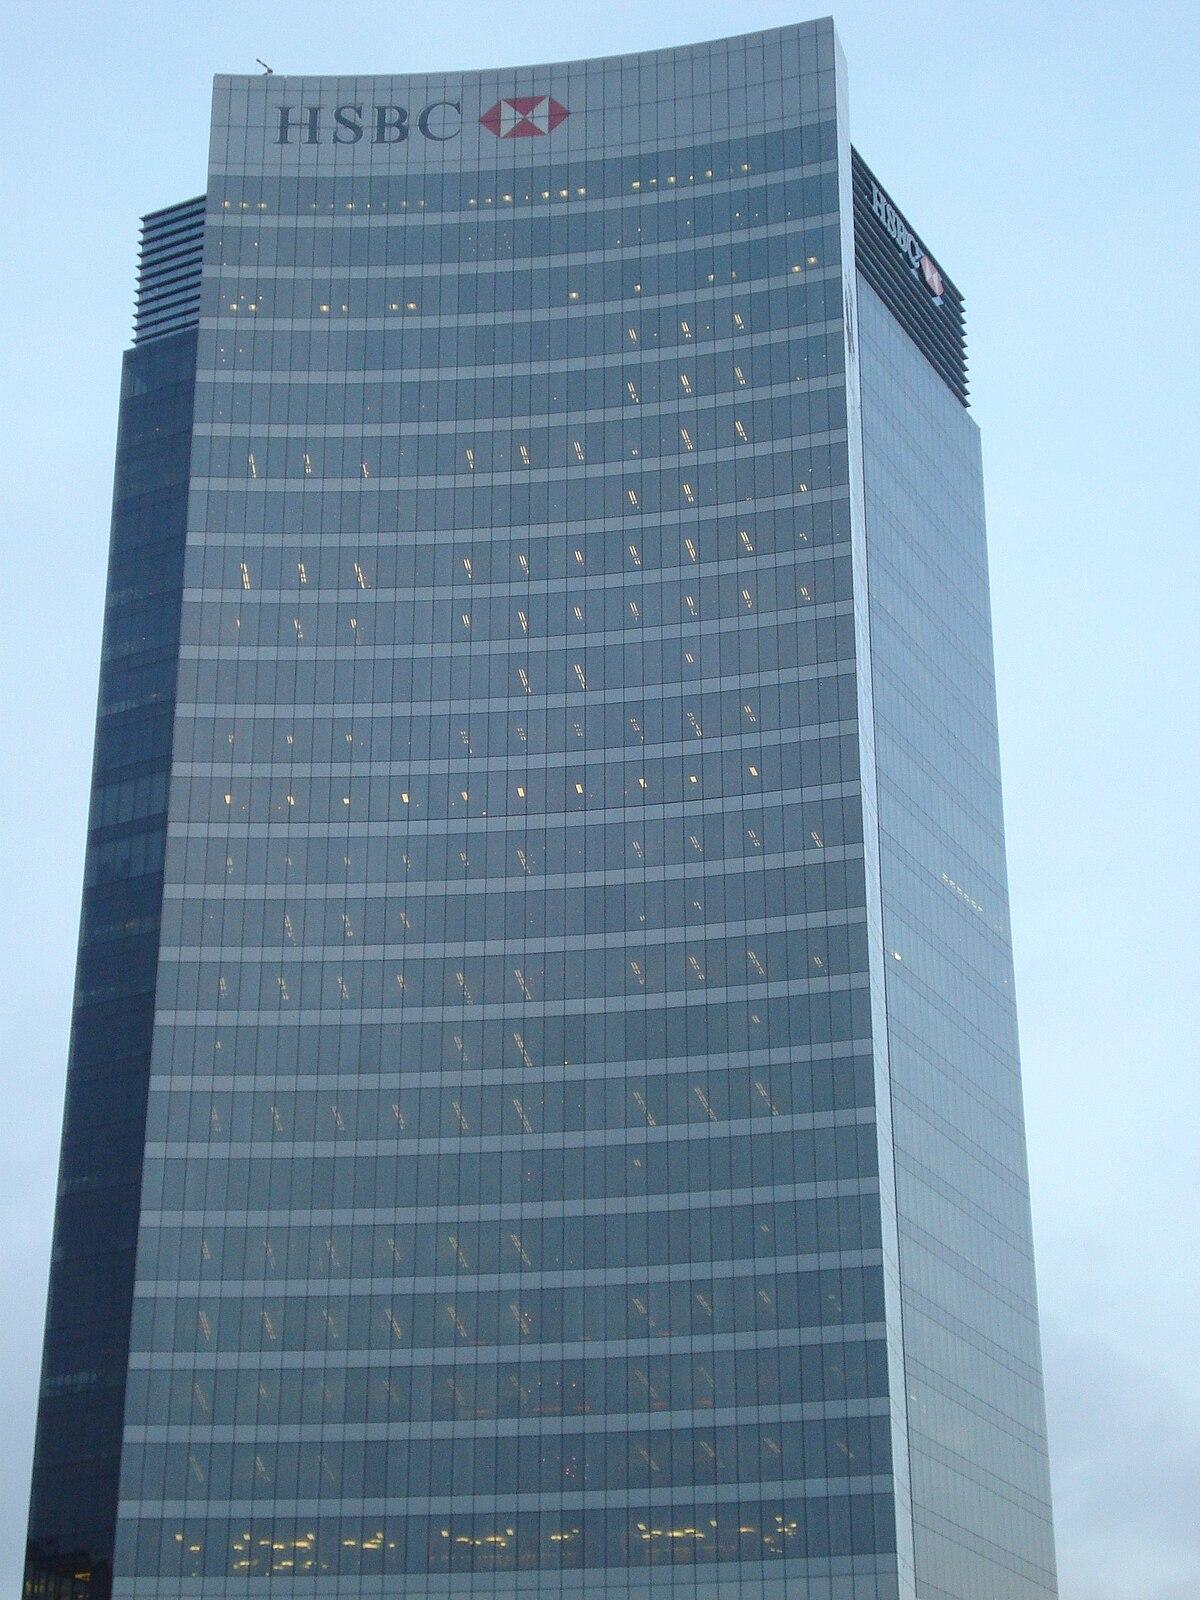 Torre HSBC  Wikipedia la enciclopedia libre